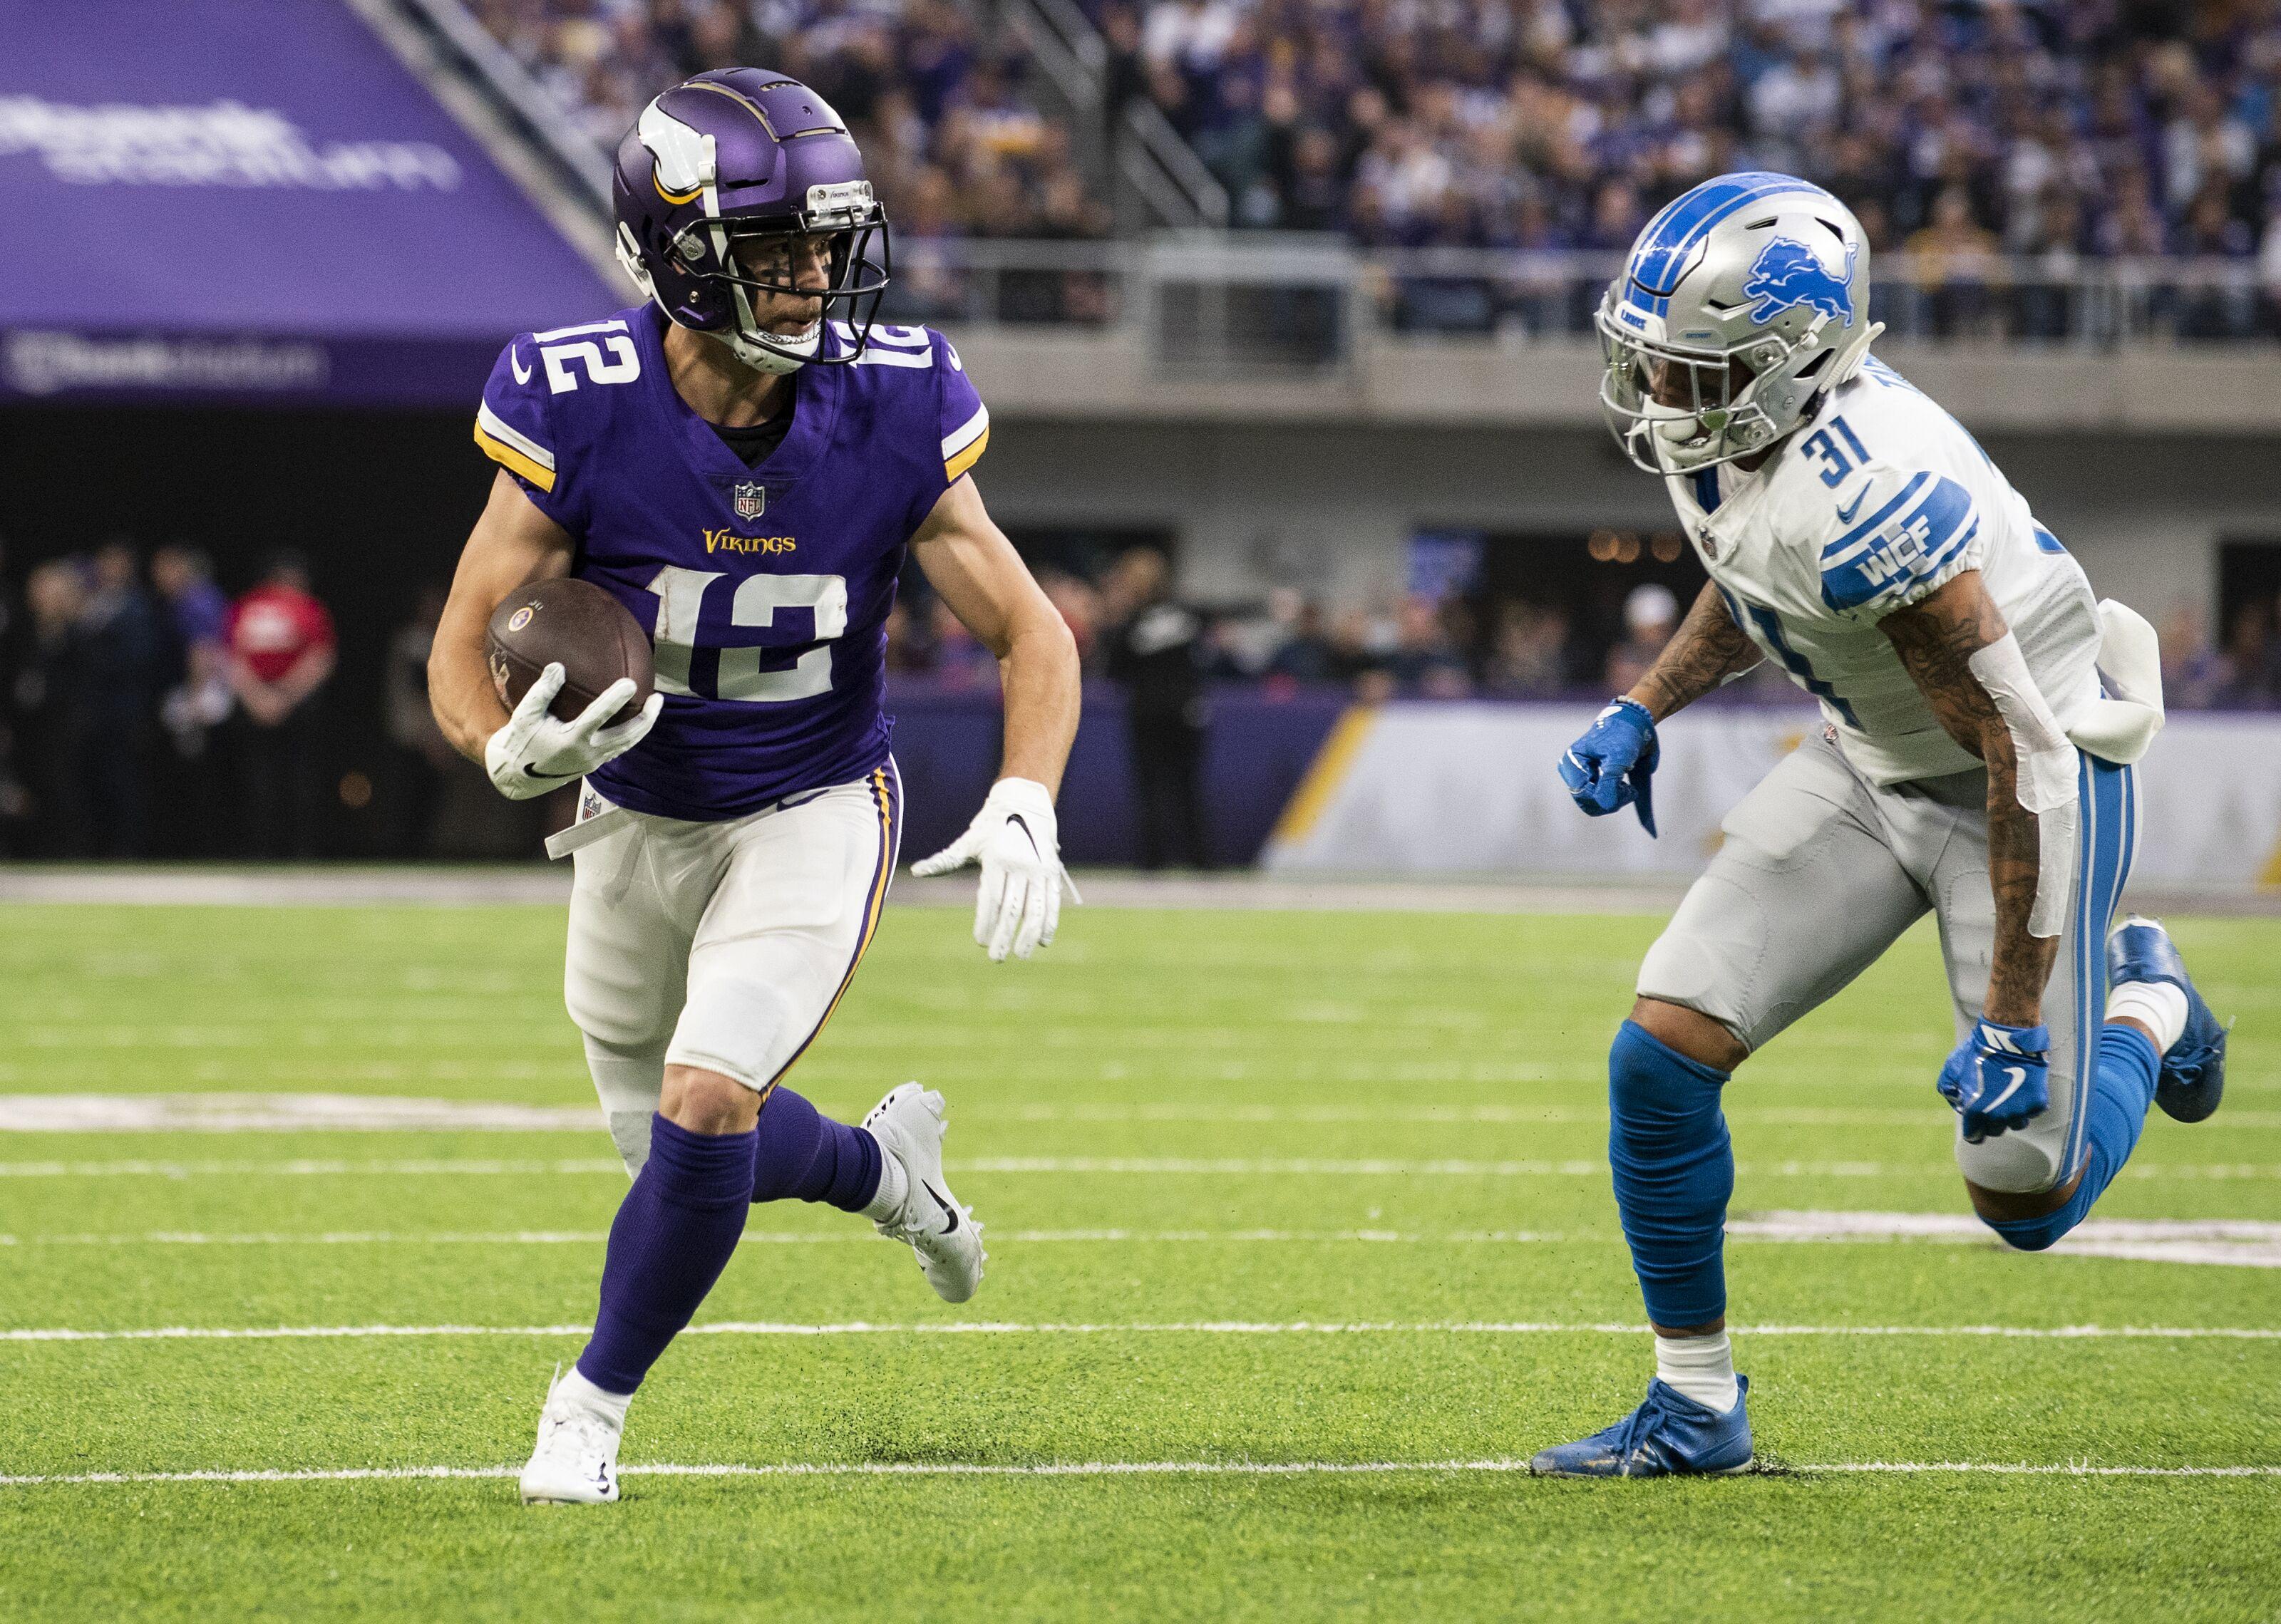 Minnesota Vikings: 3 Players to watch in Preseason Week 2 vs. Seahawks